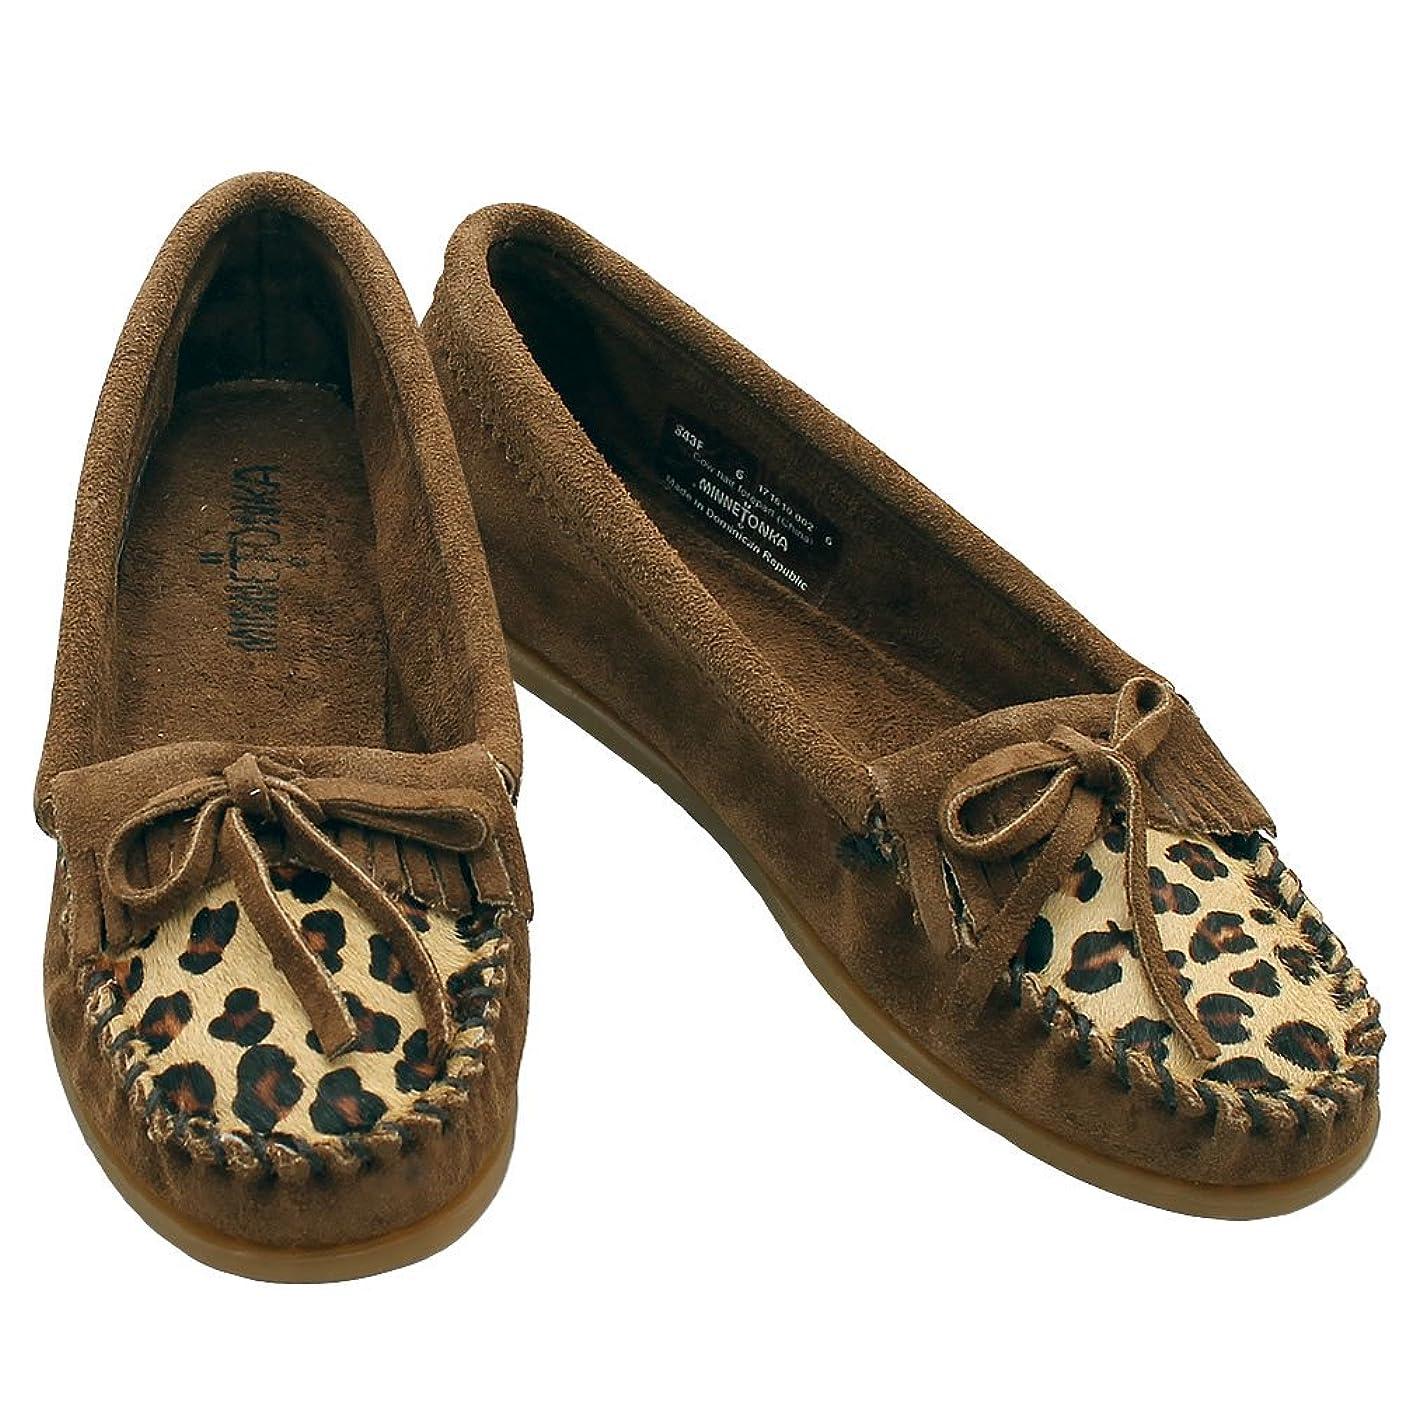 幹一般的にタイプライター[ミネトンカ] モカシン Leopard Kilty Moc レオパード キルティモック